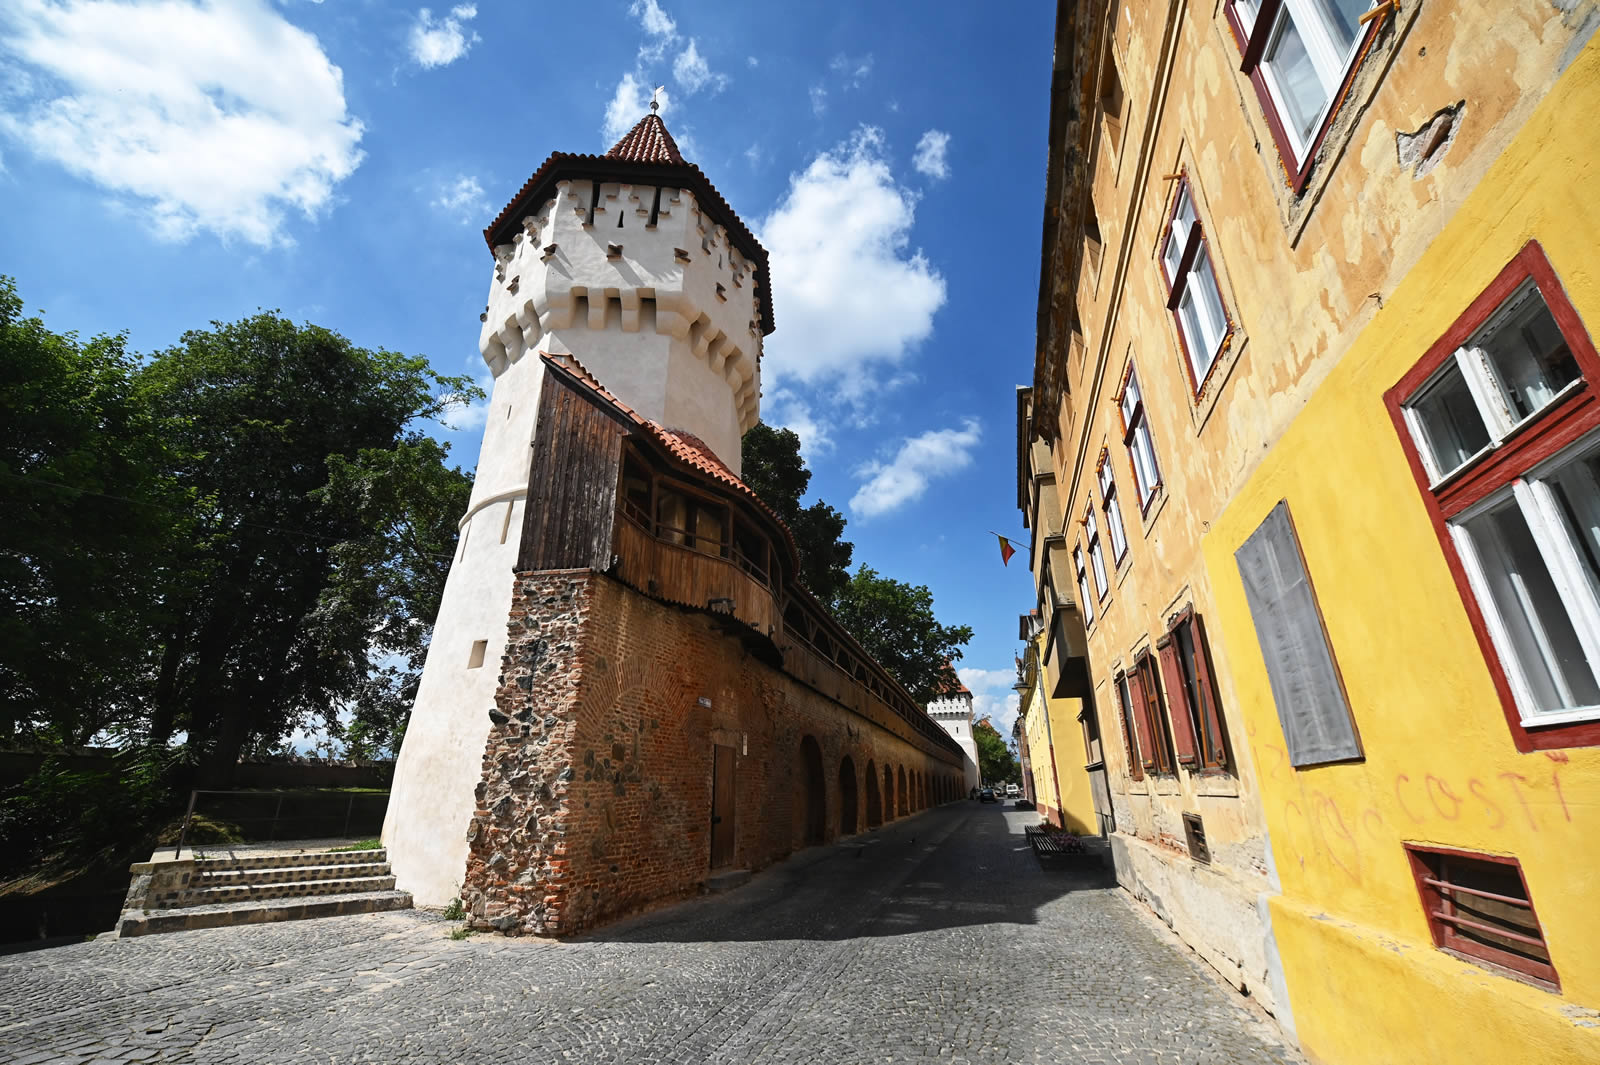 Primăria Sibiu se alătură programului național Noaptea Muzeelor  cu turnurile de pe str. Cetății și Turnul Sfatului